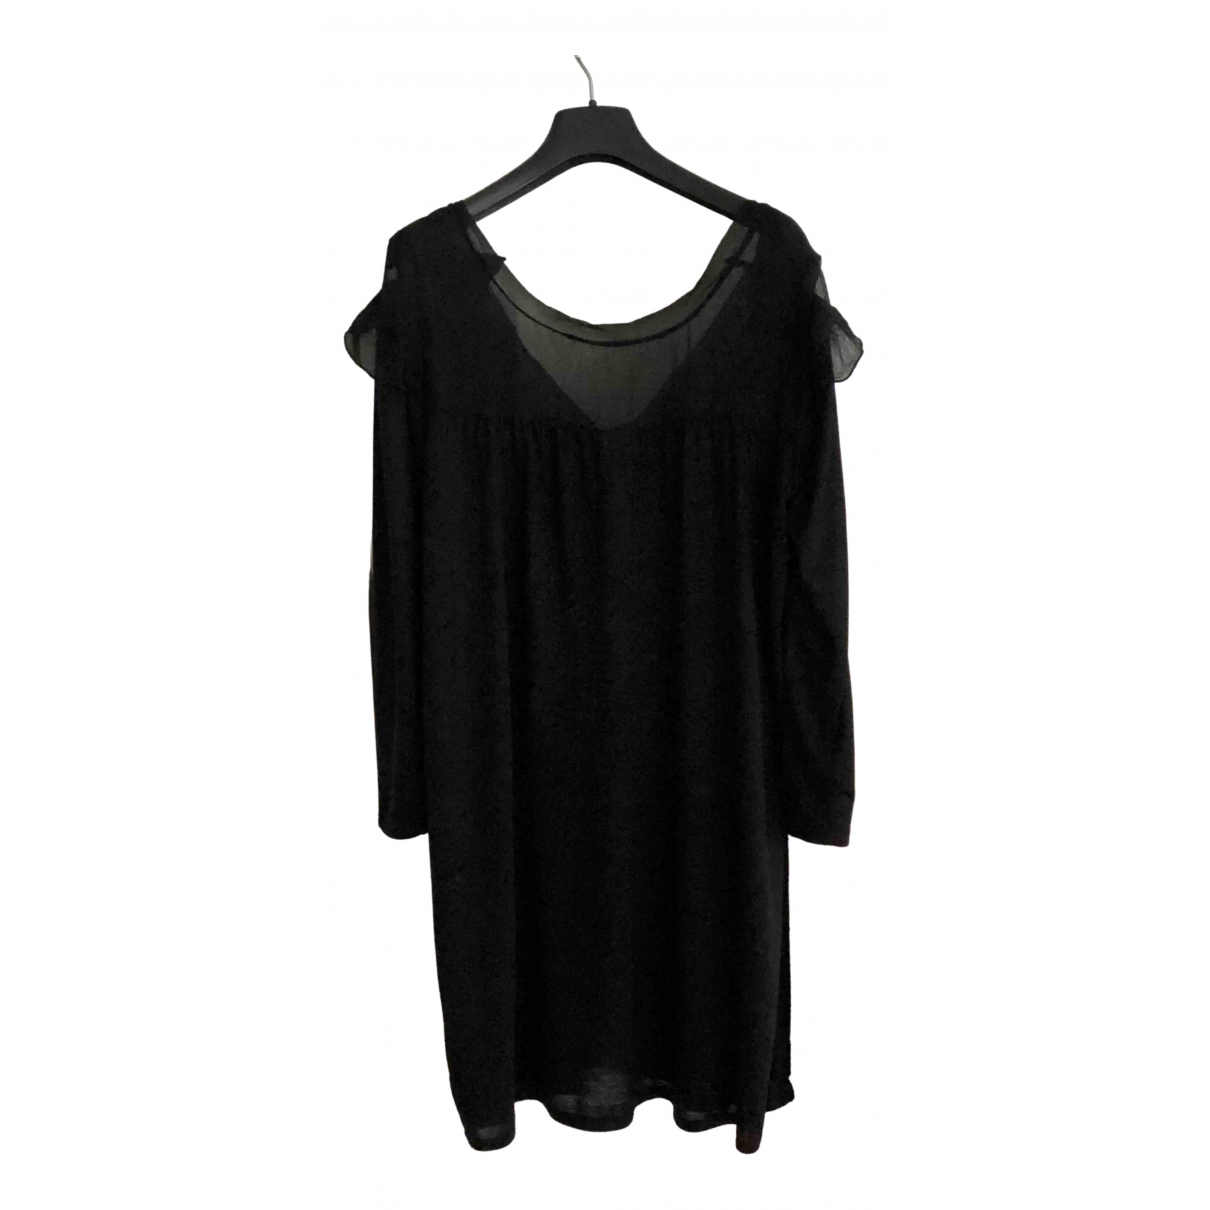 Miu Miu \N Black dress for Women M International